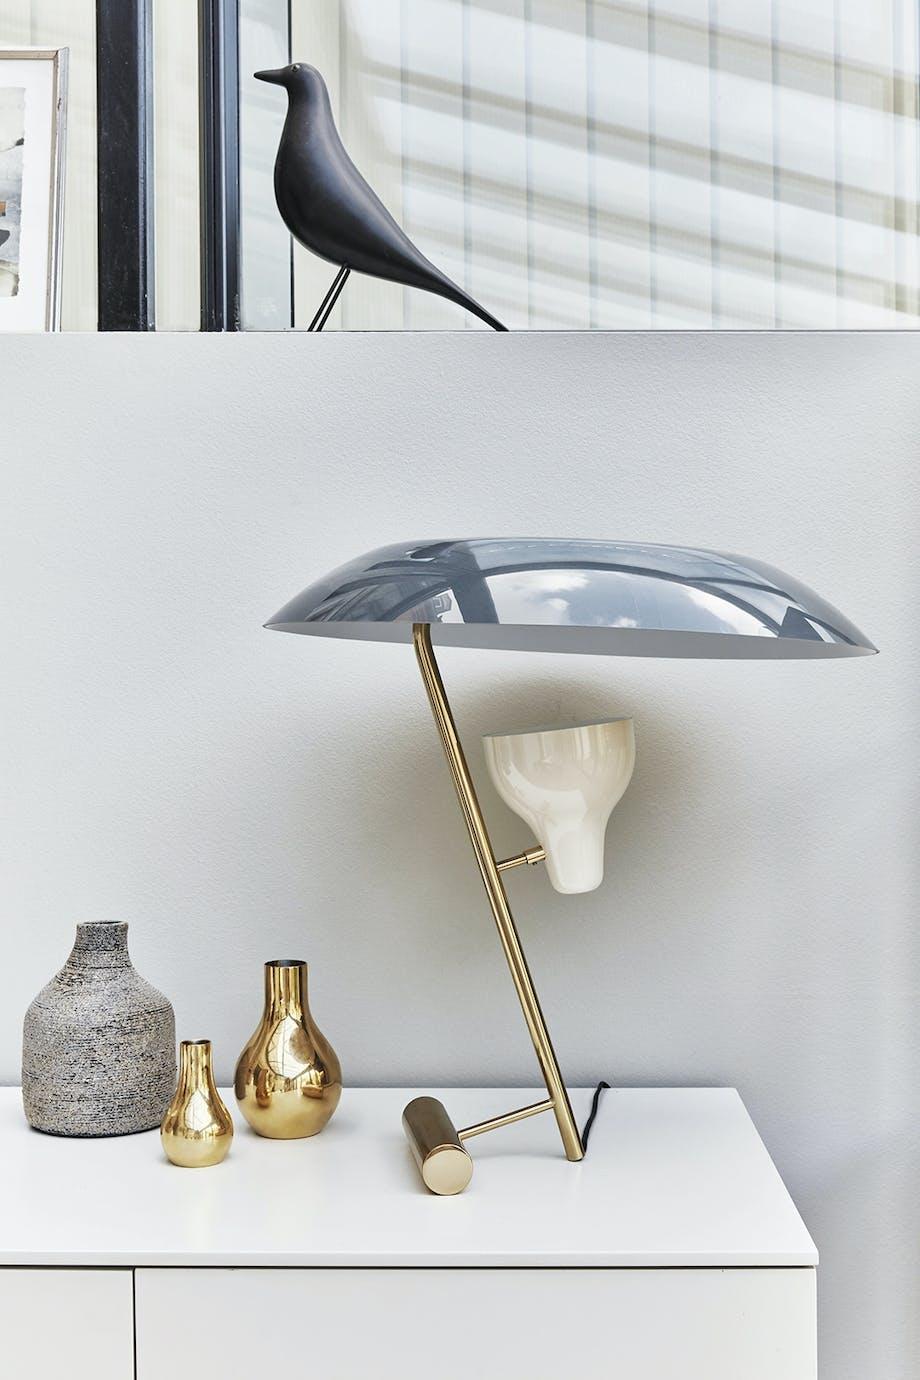 Lampe tegnet af Gino Sarfatti